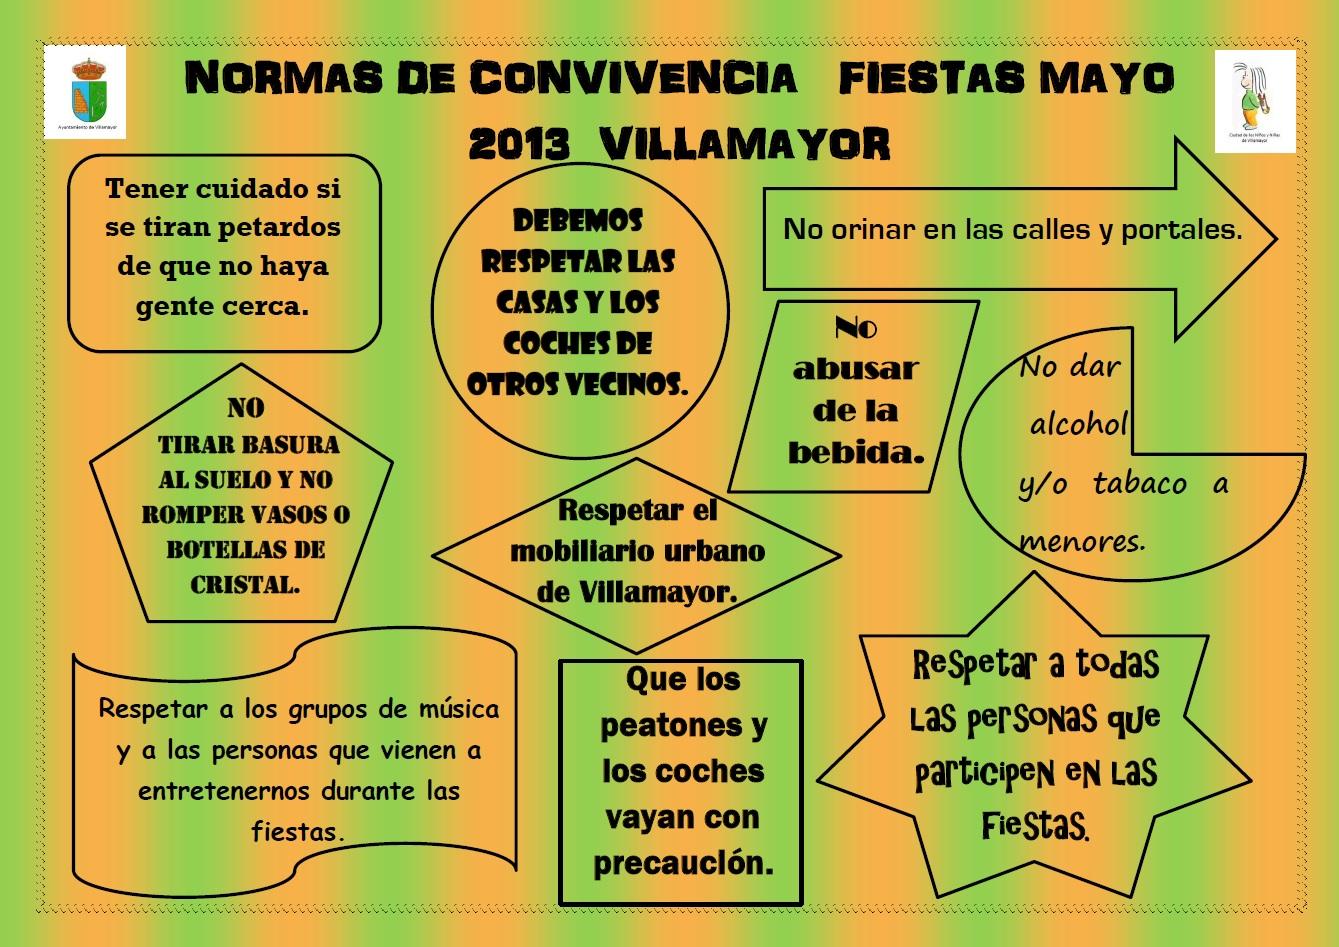 ... Niñas de Villamayor: Normas de Convivencia. Fiestas Mayo 2013